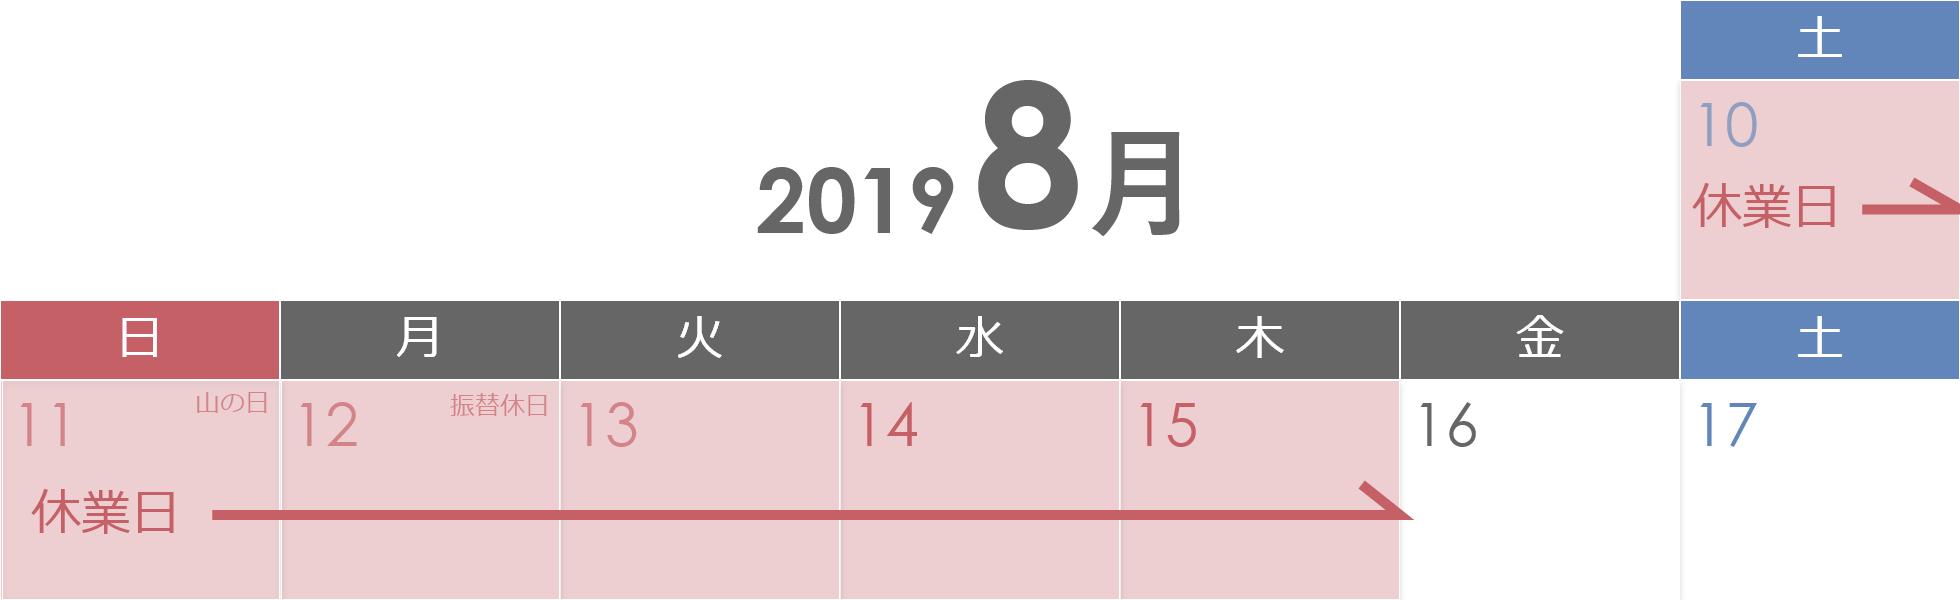 休み 2019 お盆